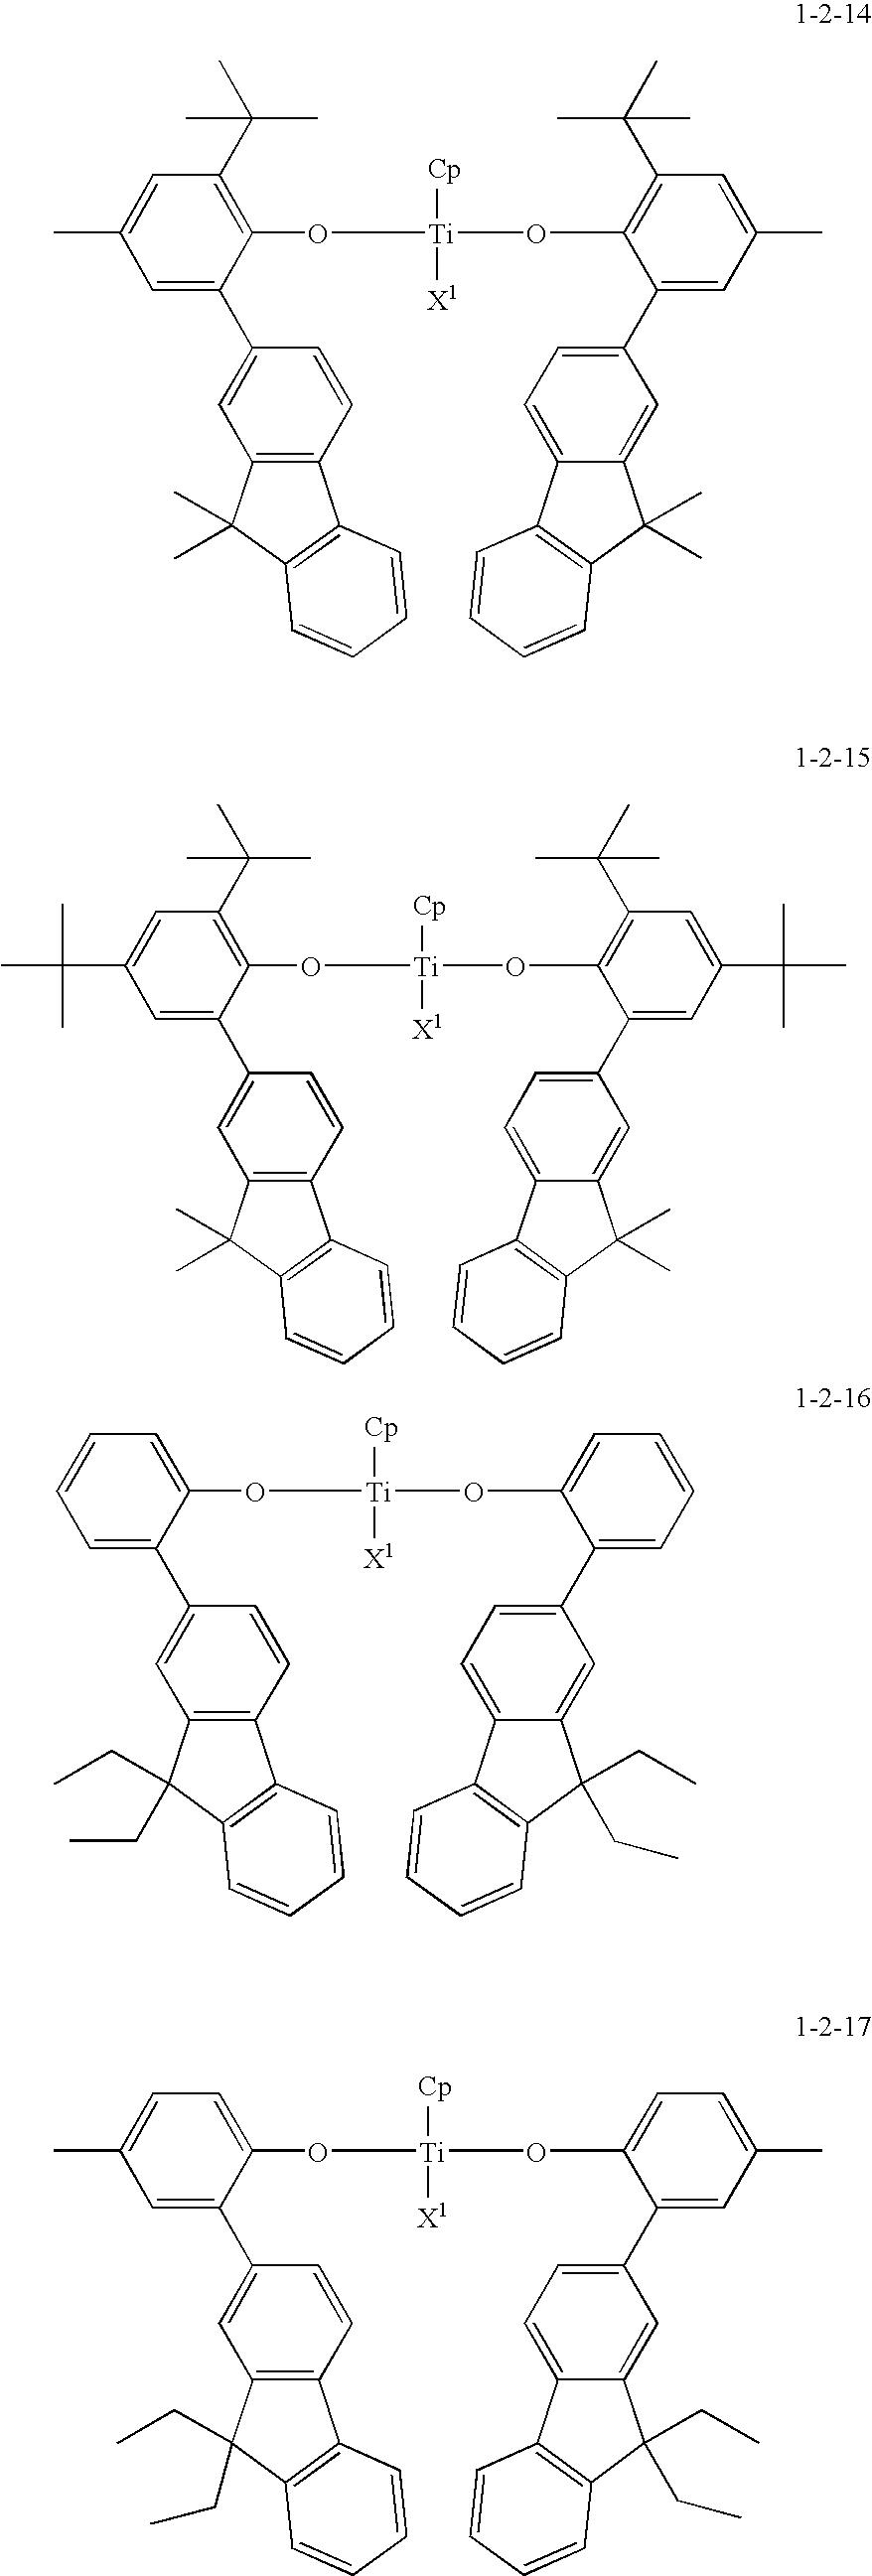 Figure US20100081776A1-20100401-C00081